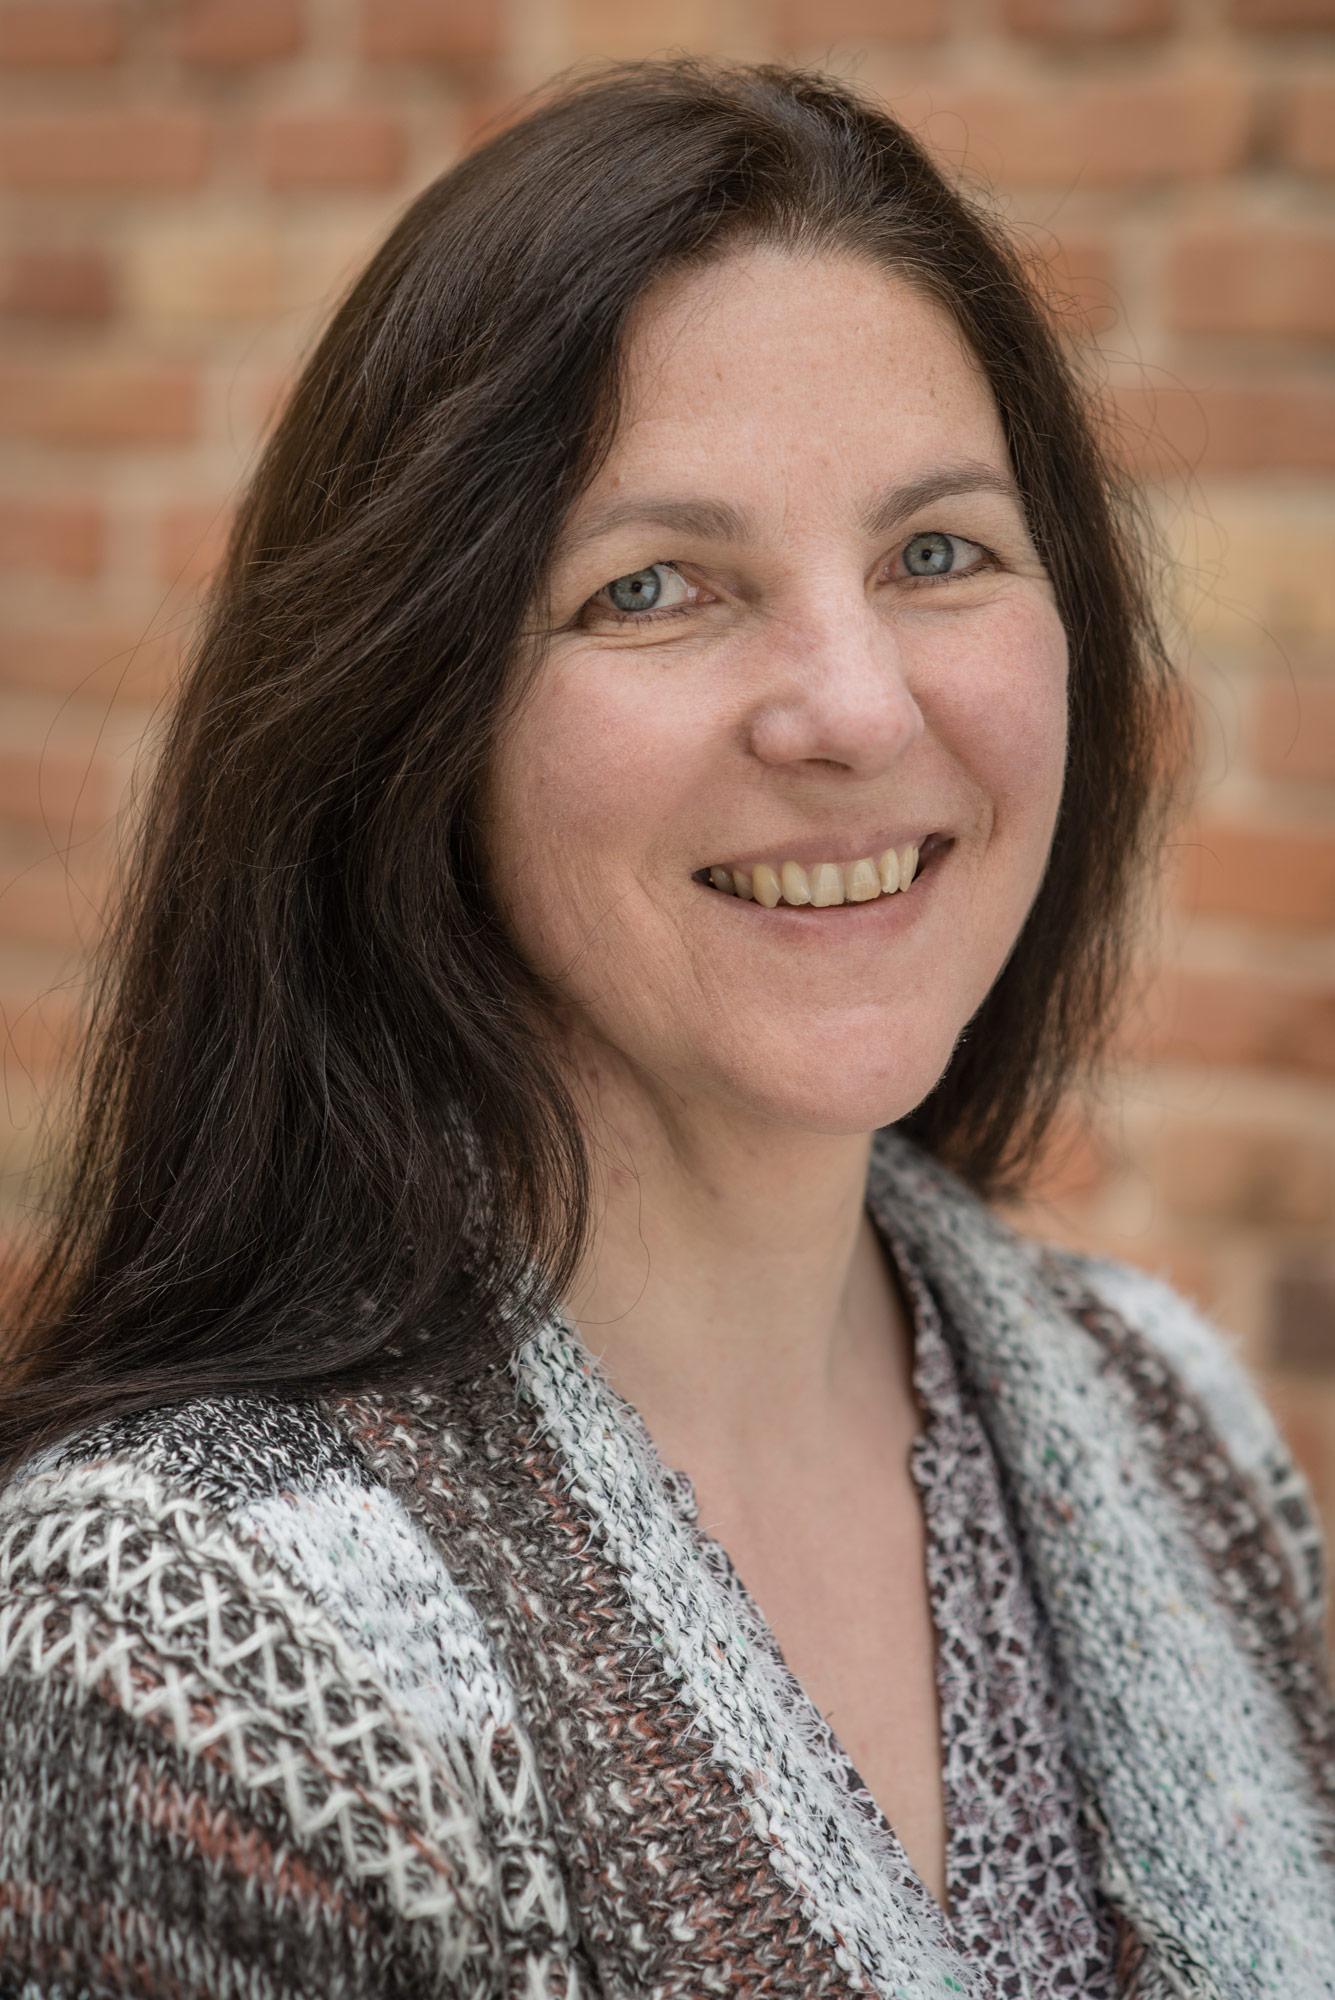 Christina Mühleck